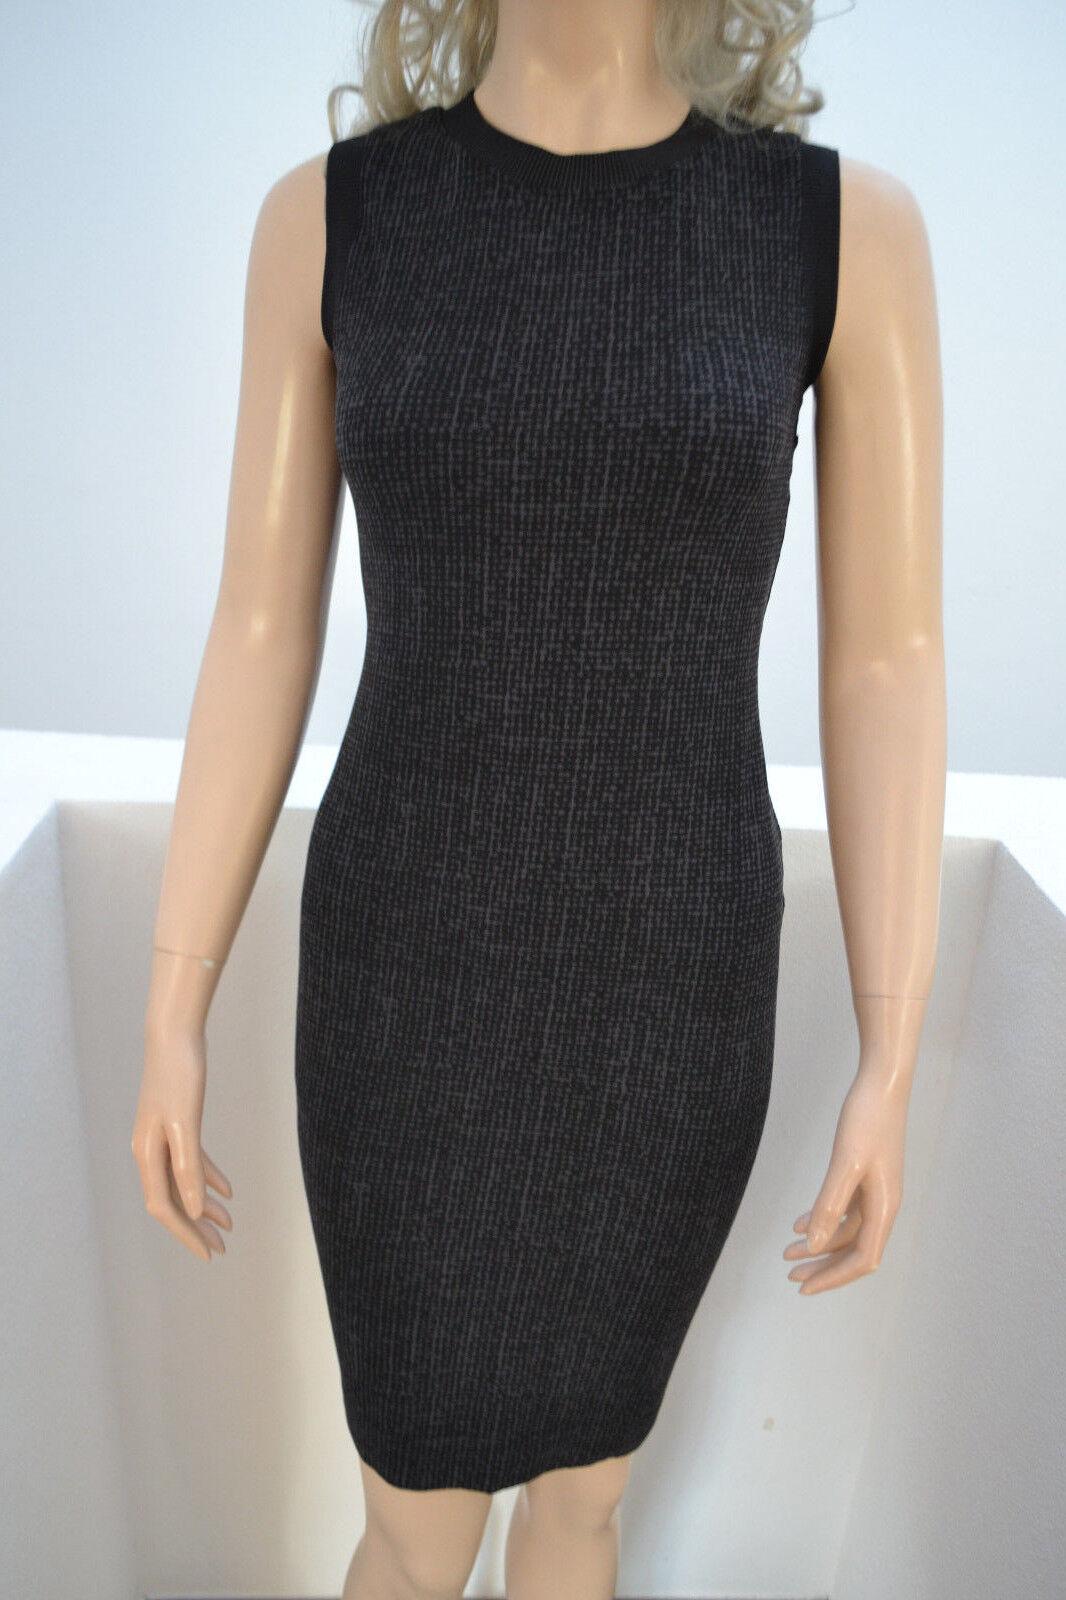 Wolford Harris Tweed-Optik Kleid Dress grau schwarz Small Velvet Mix